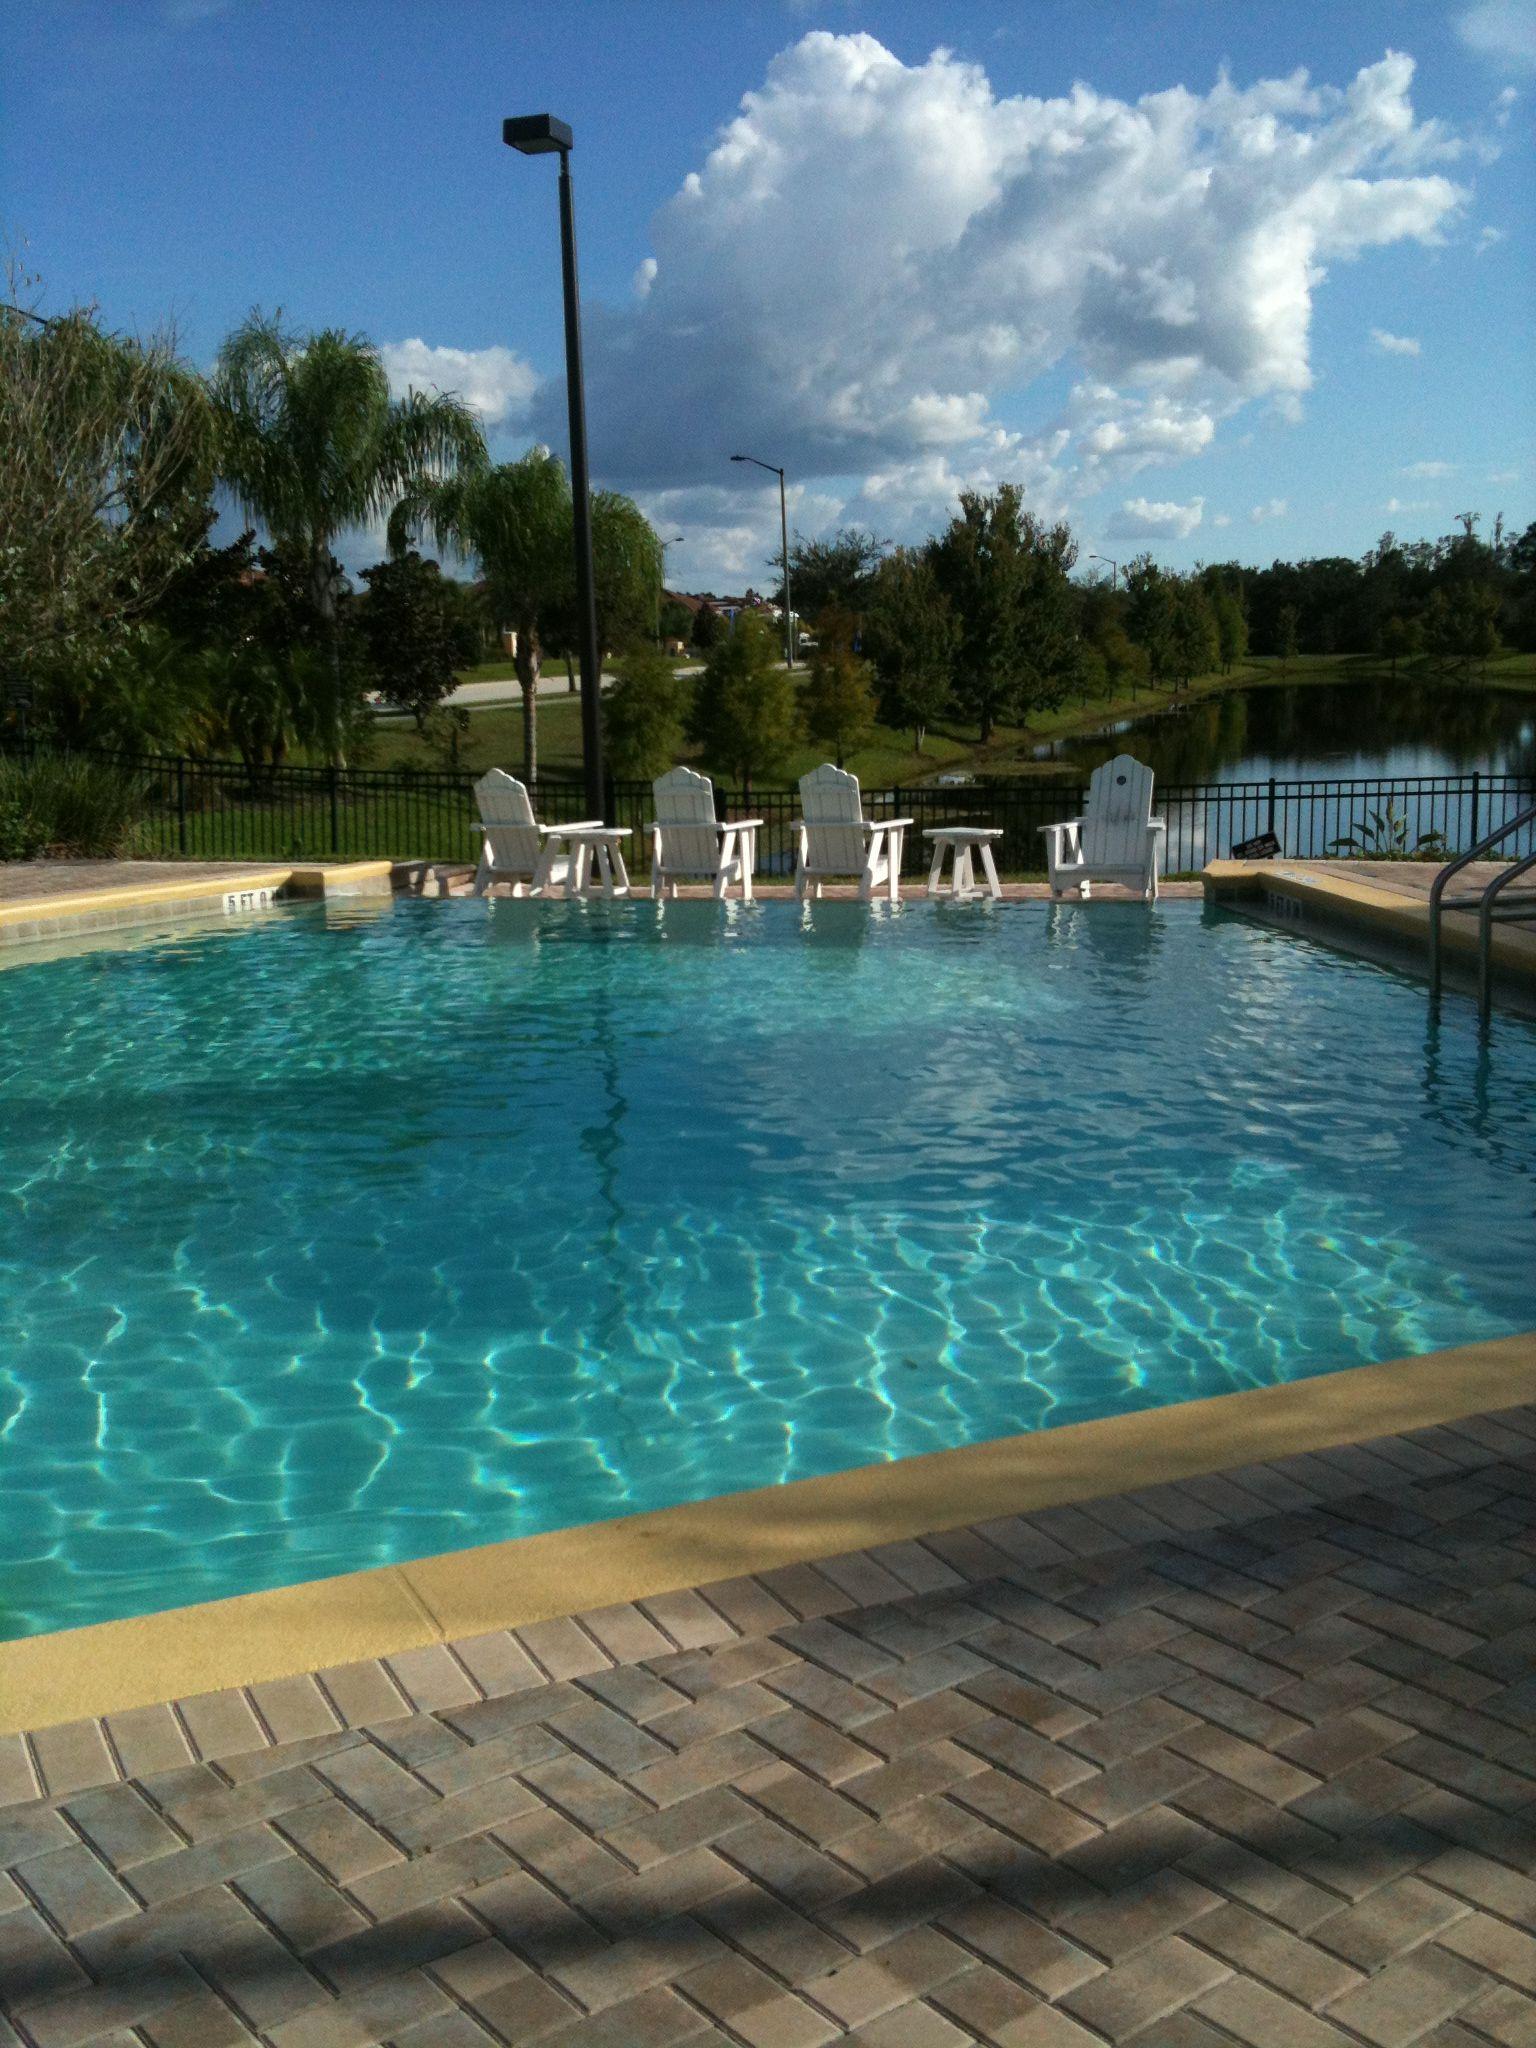 Pin de Omelhor Orlando em Caribe Cove Resort Orlando